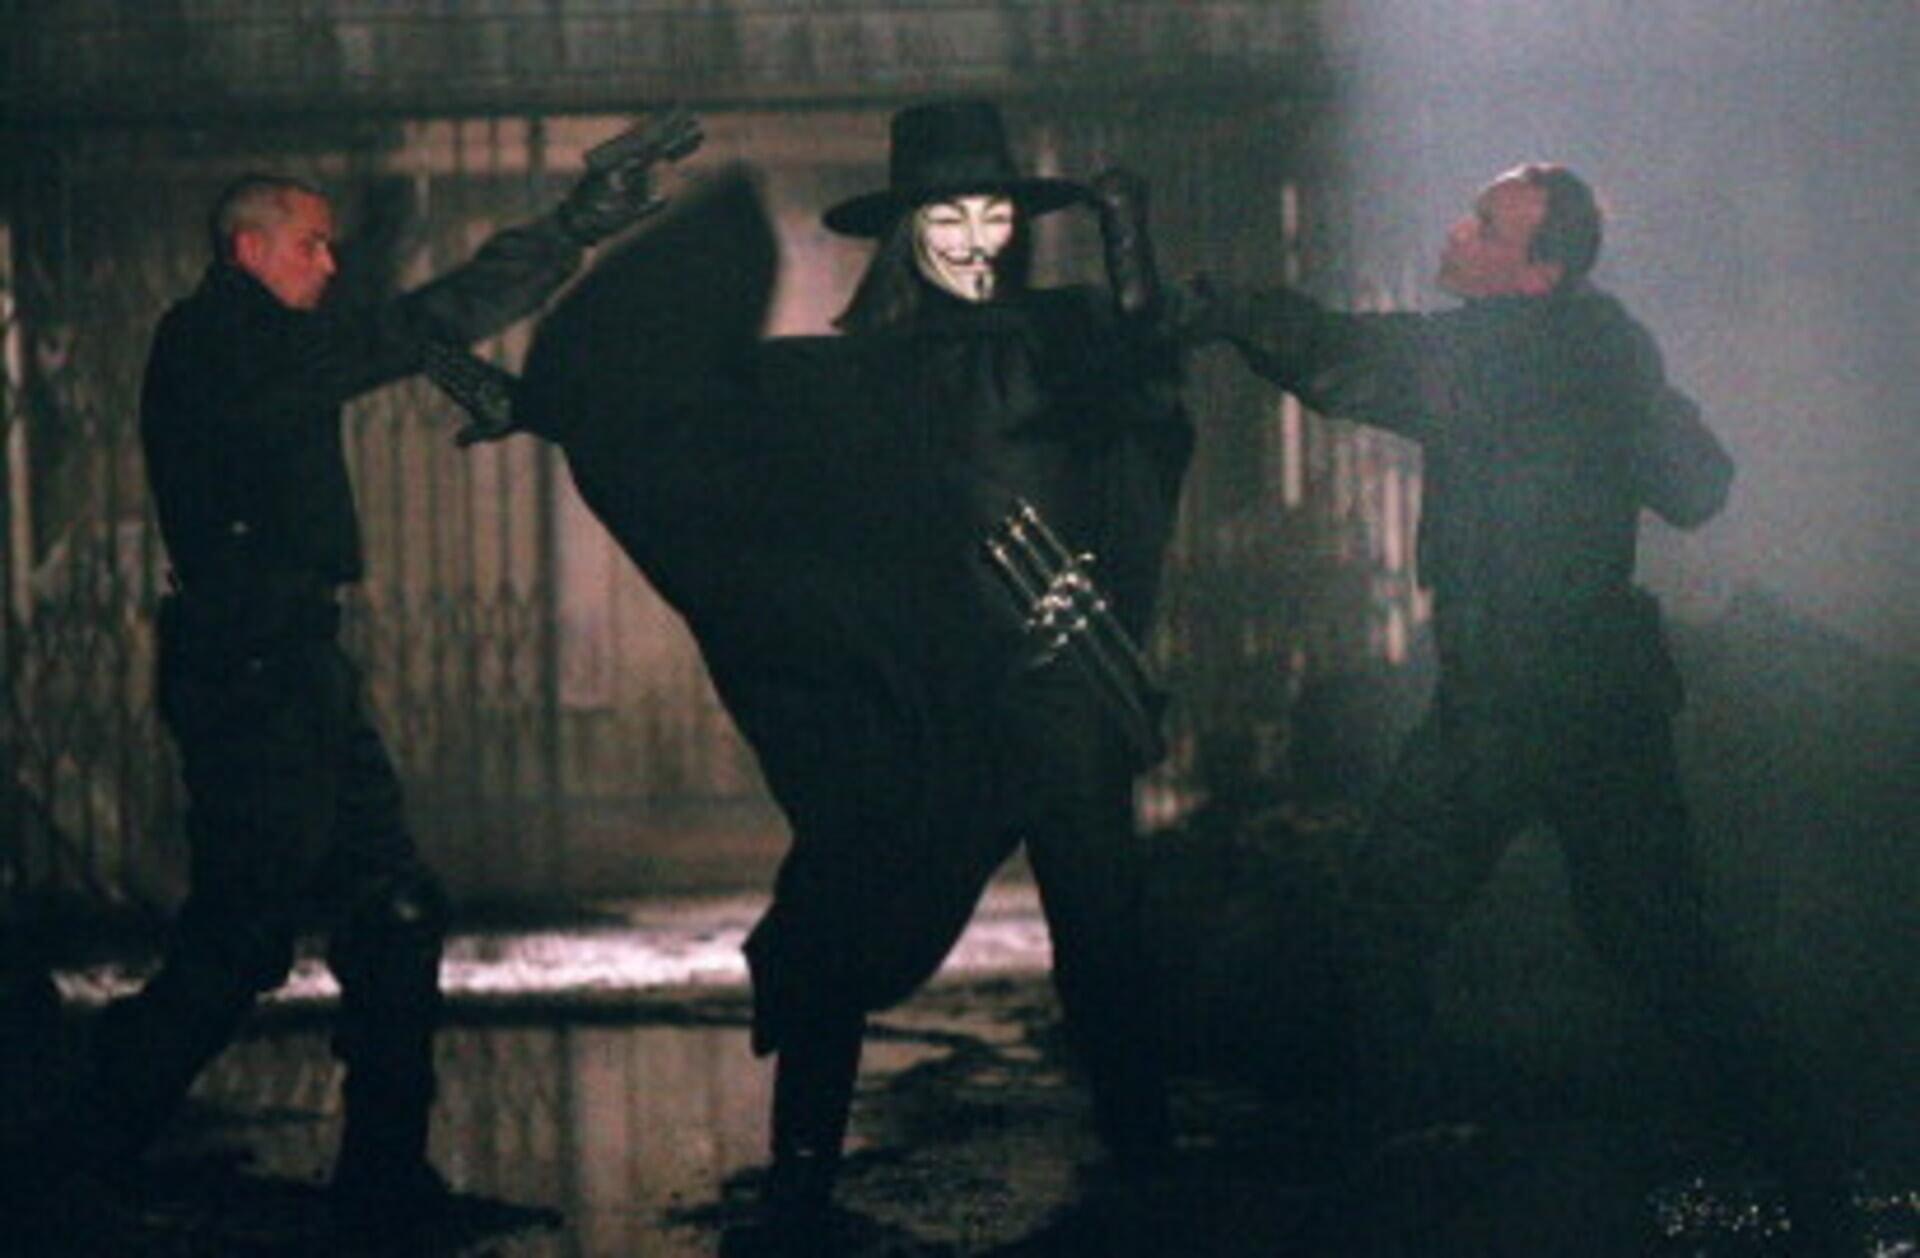 V for Vendetta - Image 2